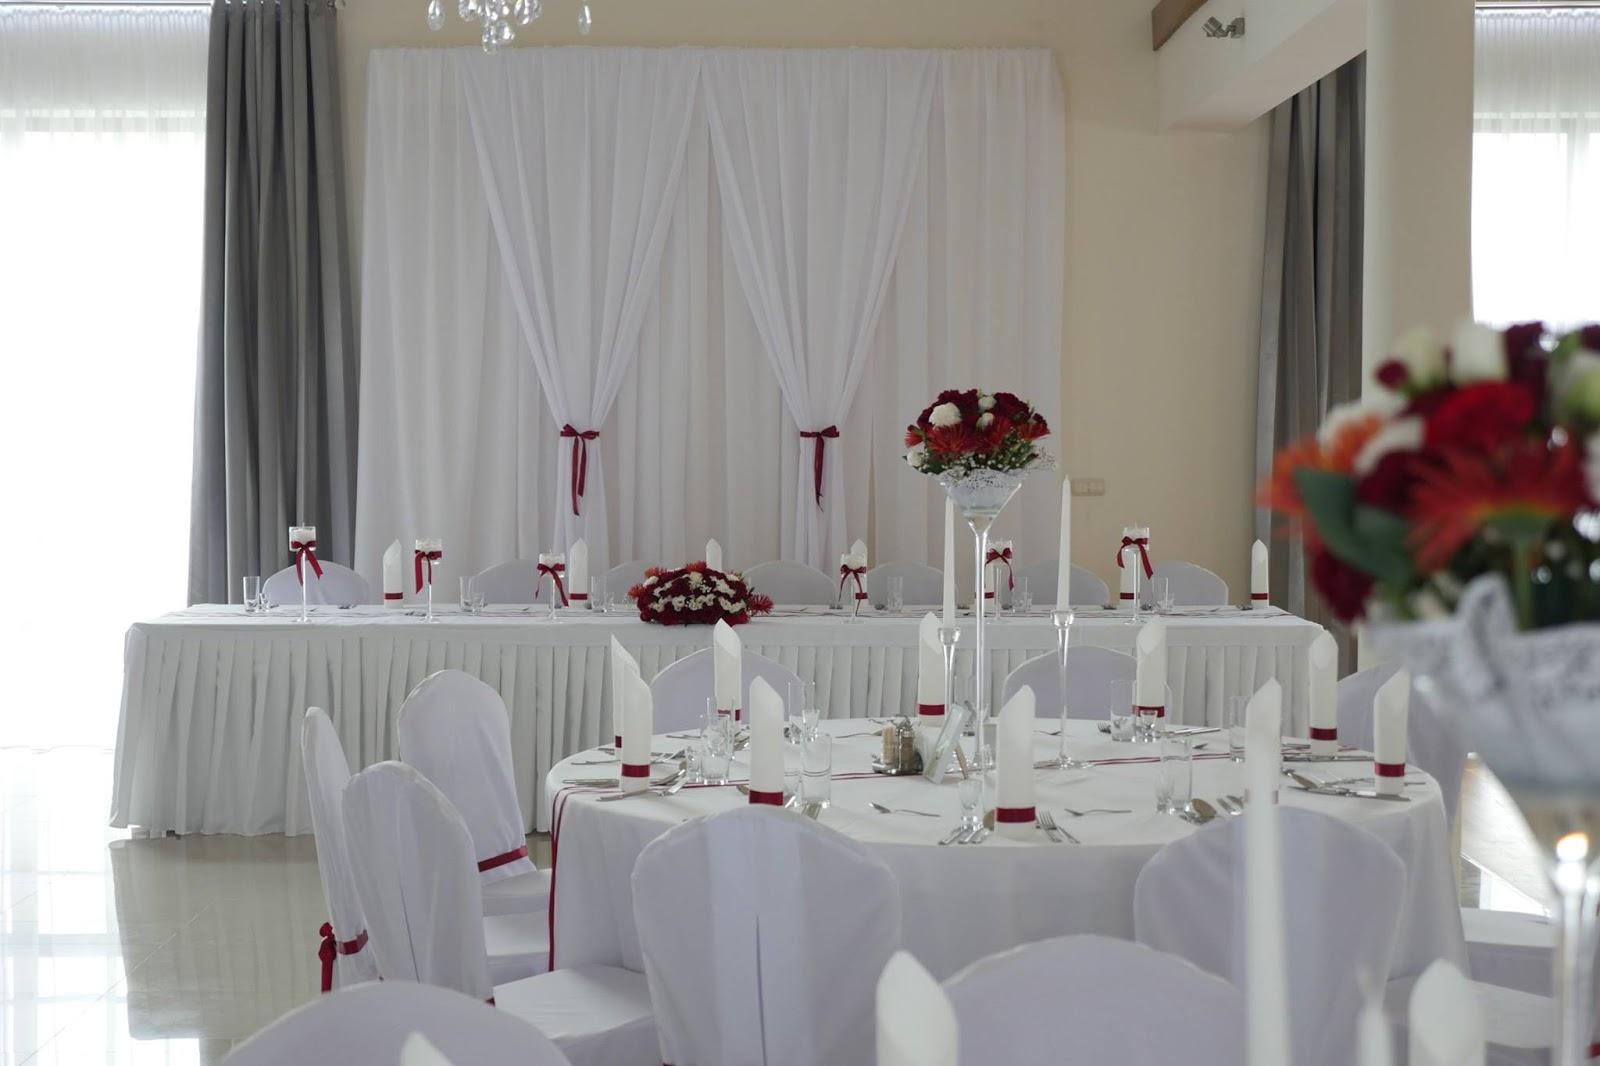 Dekoracje ślubne Sali Weselnej Lvj53 Usafrica